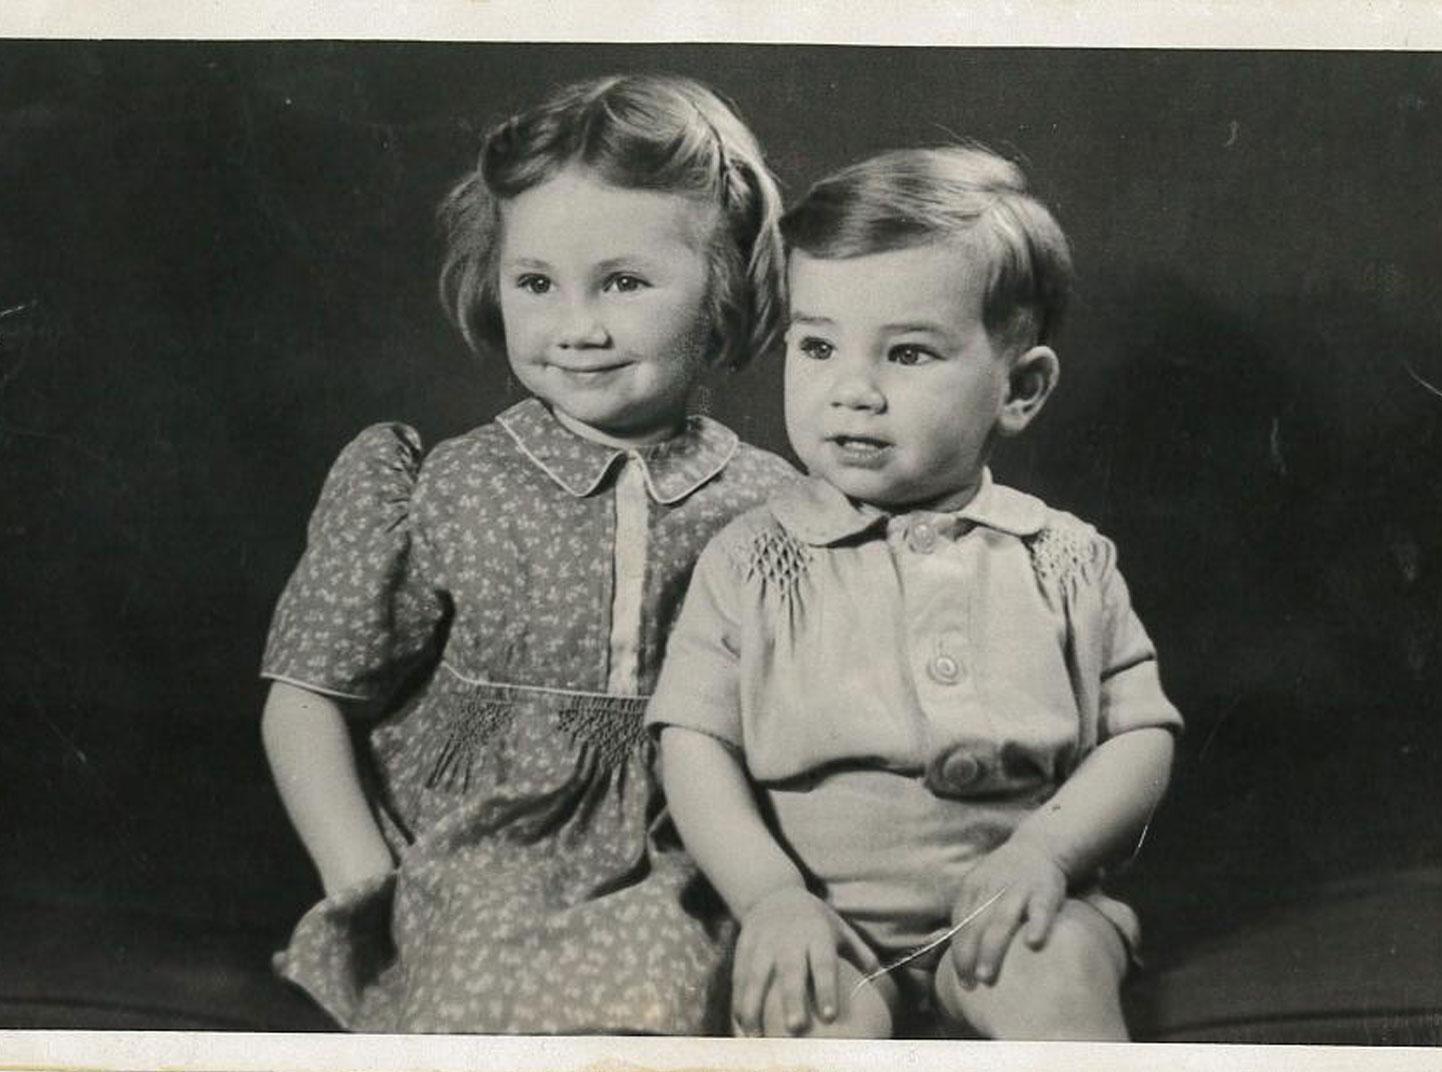 Une image en noir et blanc d'un jeune garçon et fille.